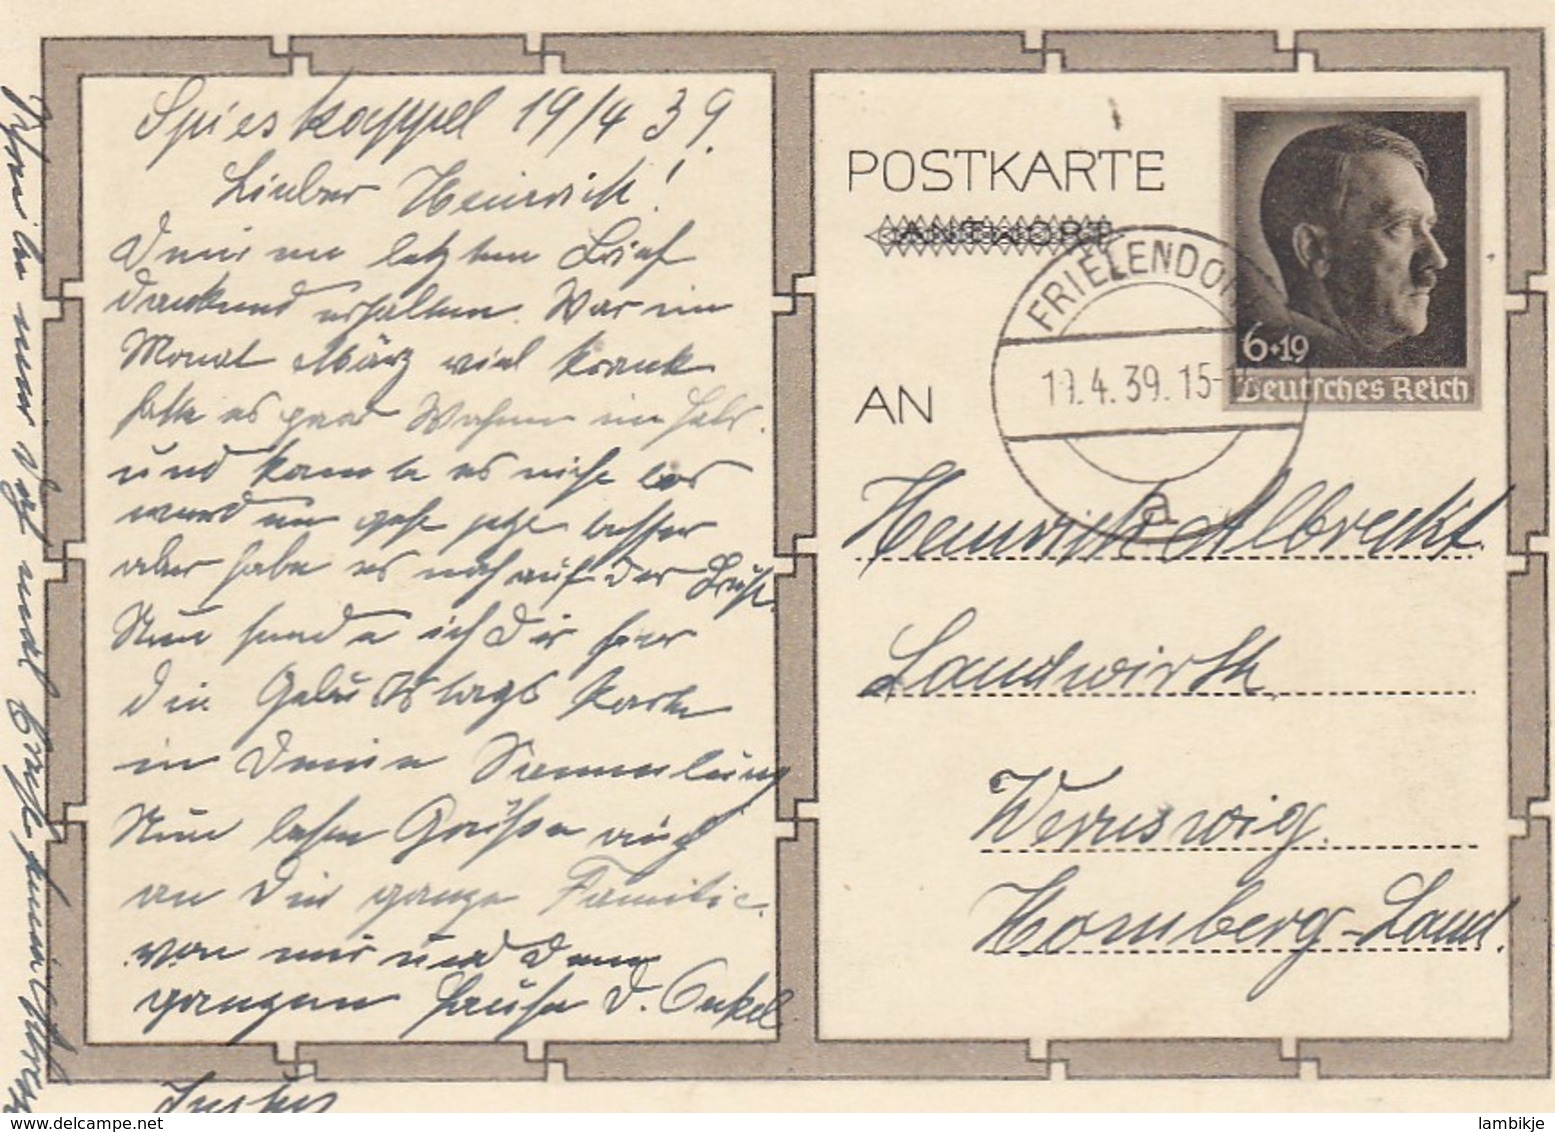 Deutsches Reich Postkarte P278/02 1939 - Briefe U. Dokumente